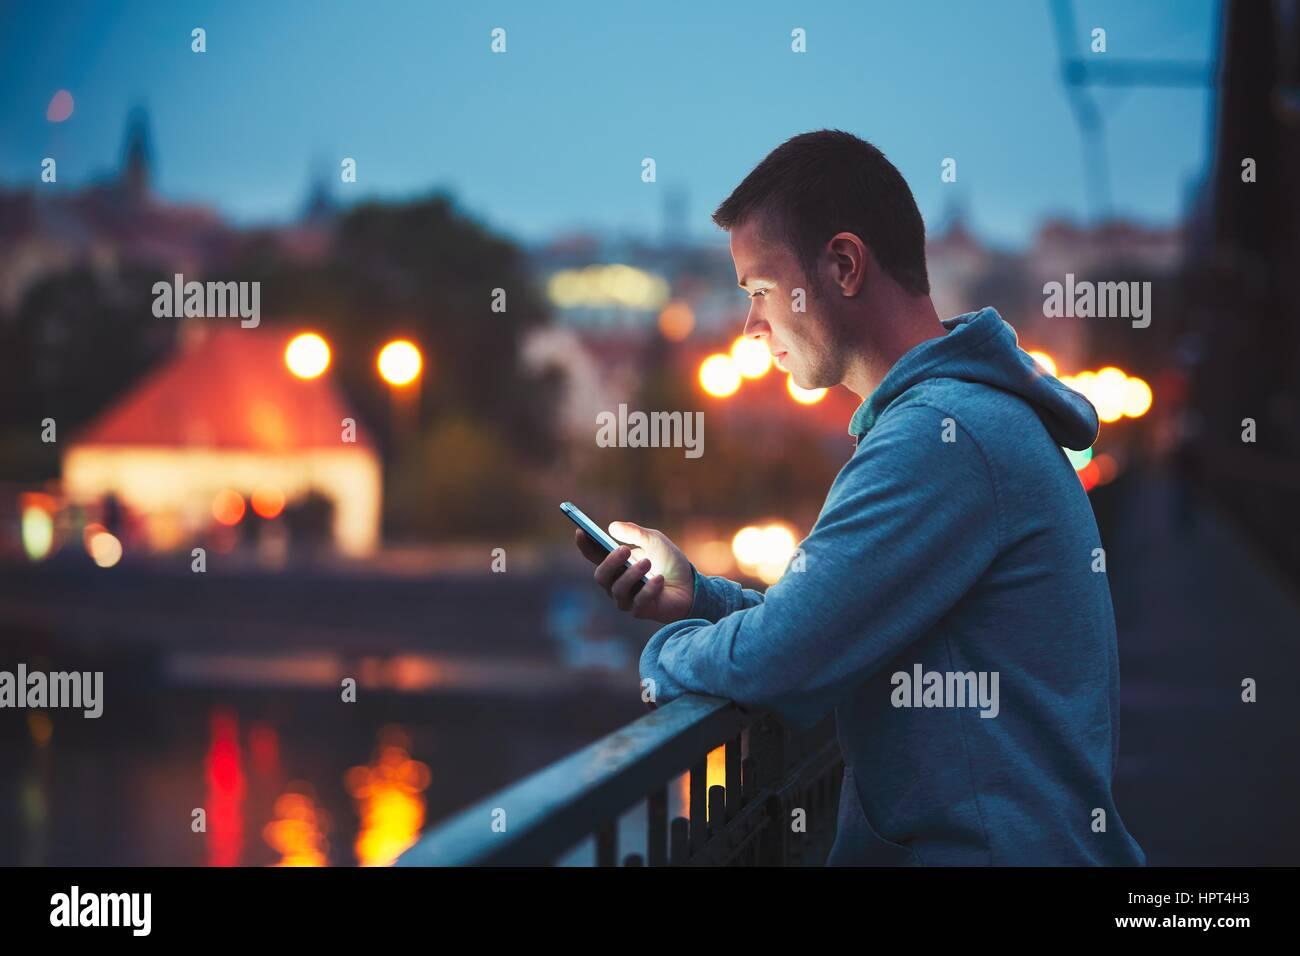 Solo en la ciudad de noche con el teléfono móvil. Apuesto hombre de ensueño leer mensaje (o buscando Imagen De Stock